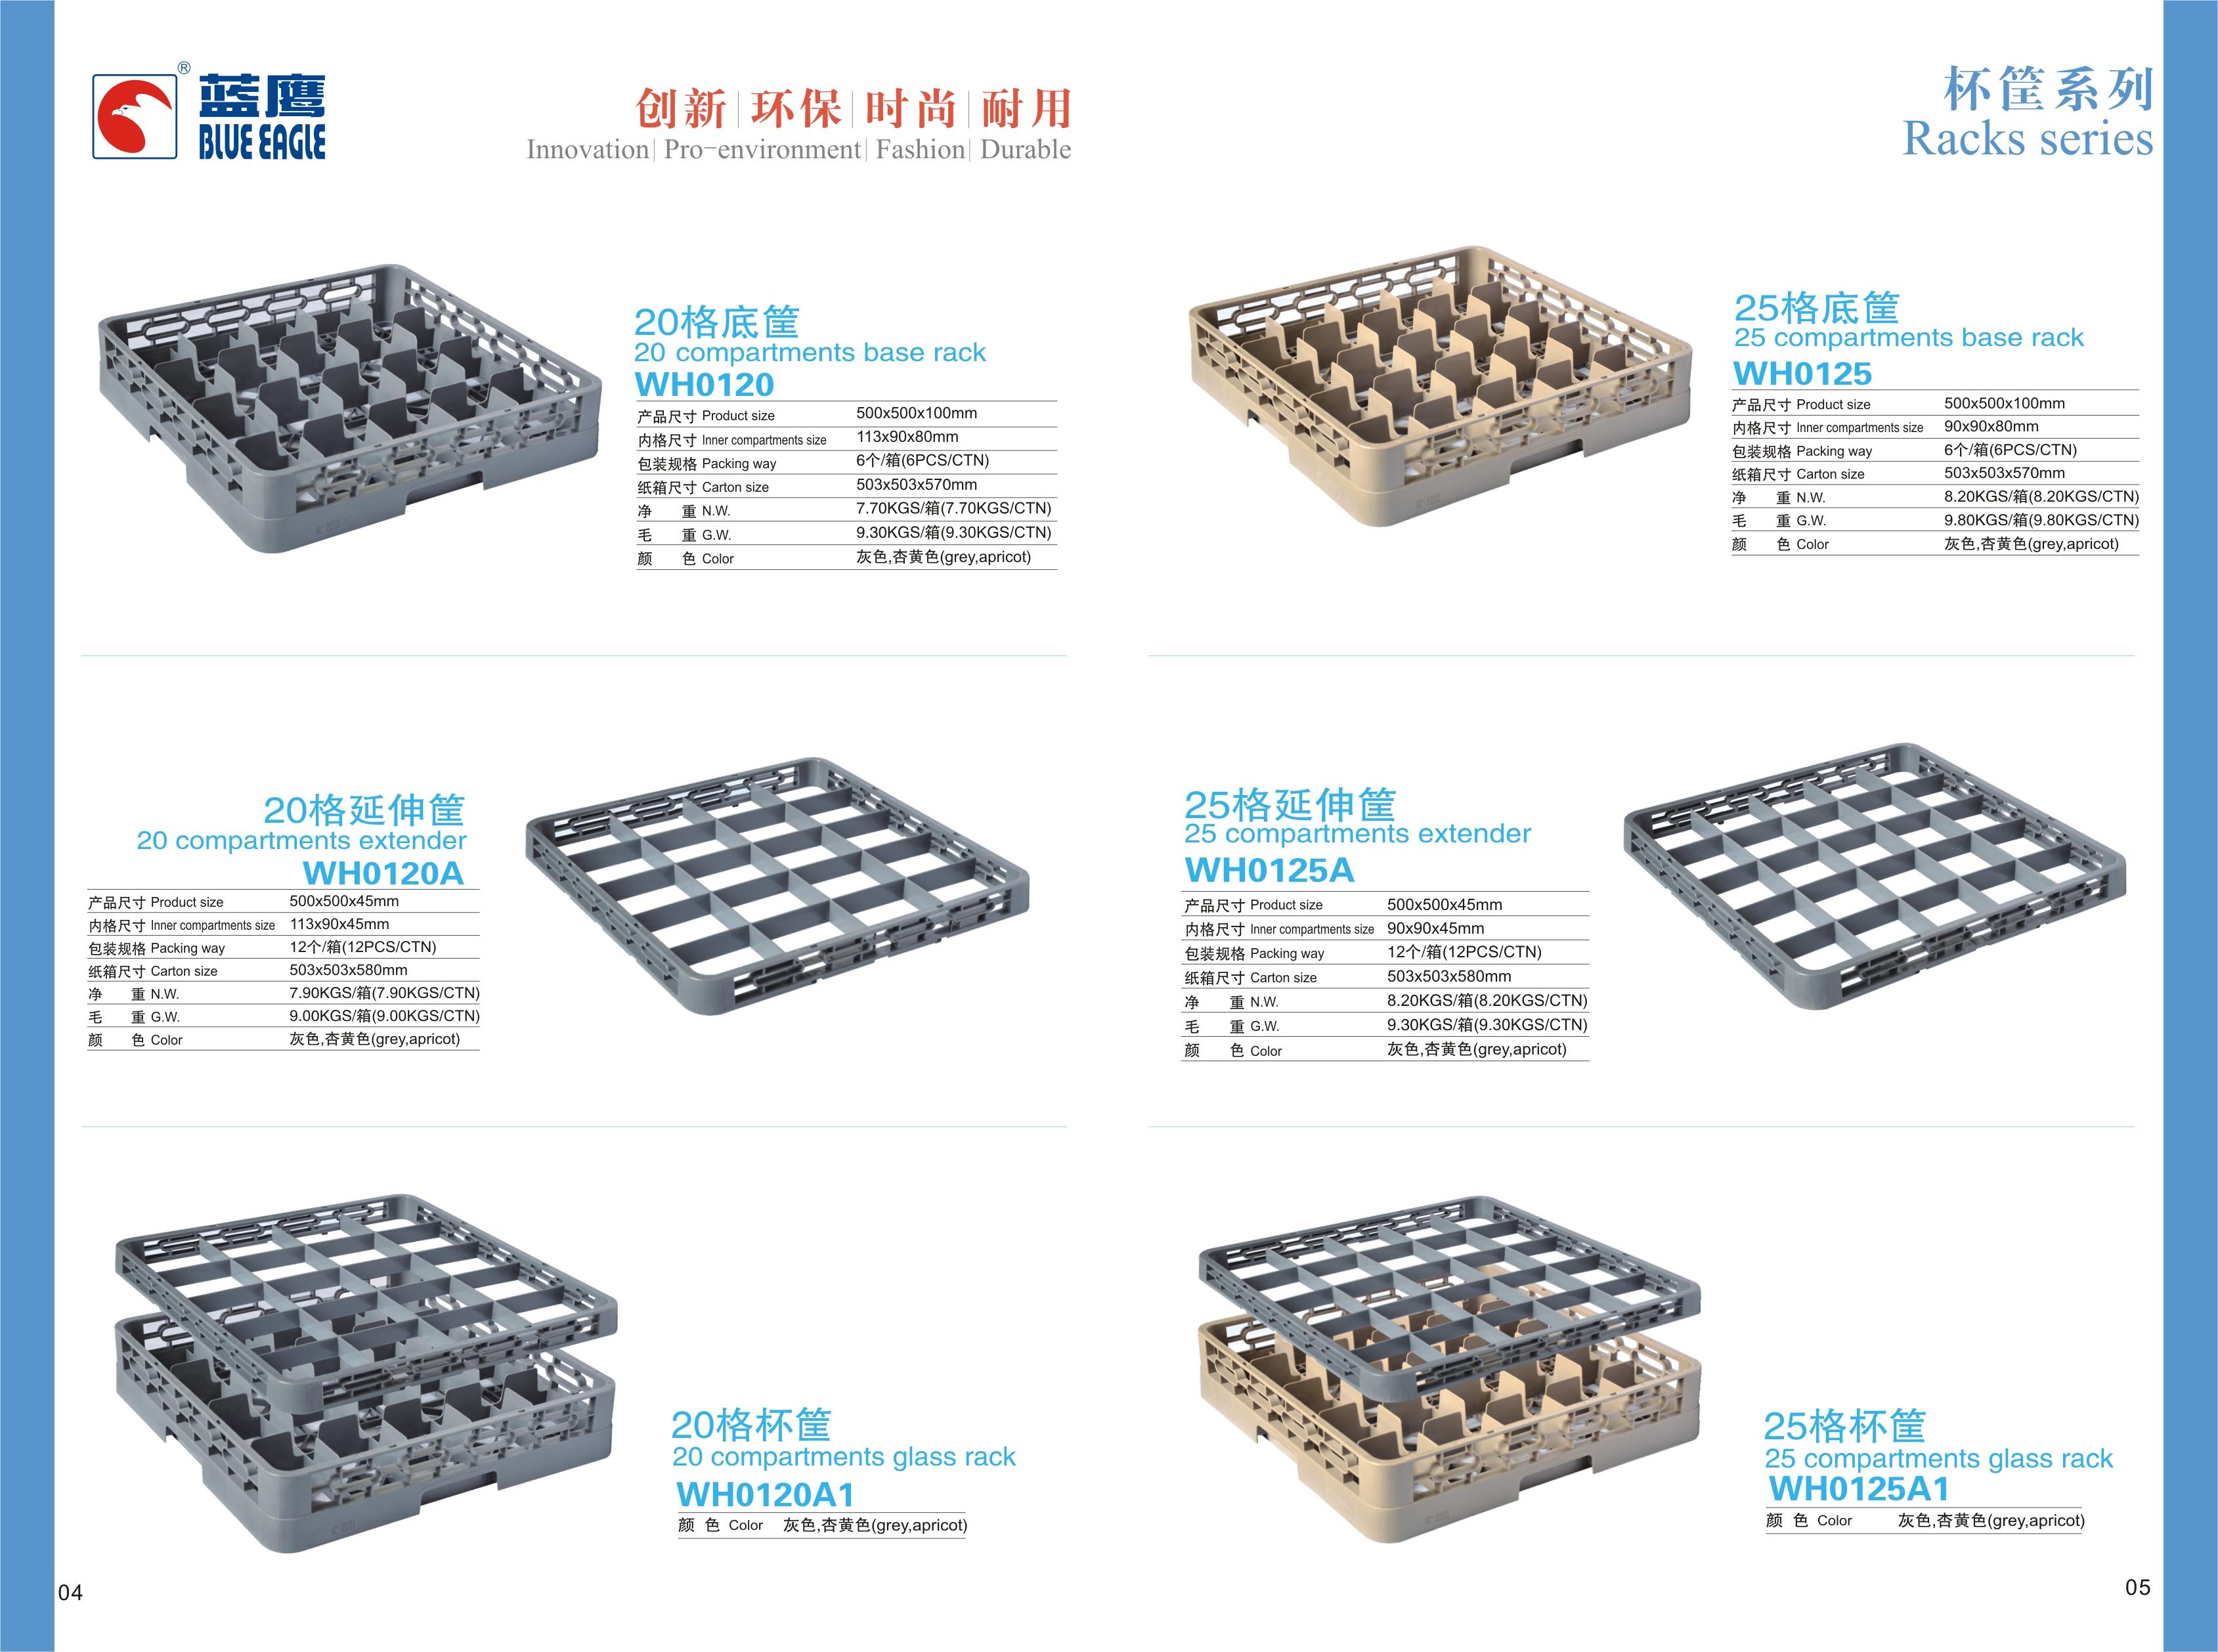 保嘉利杯筐系列由杯筐和延伸筐两部分组成,有9格,16格,20格,25格,36格,49格,刀叉平筐,64刺碟筐及相应的加高层保护架,可根据杯子的大小高低选择不同格数的杯筐,鹤山市保嘉利实业有限公司生产的是国际通用型尺寸,适用于任何一款标准型号的洗碗机。 使用方法和结构:使用非常简单方便,可以按实际需要,自由组合出安全,清洁卫生的活动储存空间。非常合适用做储蓄或晾干清洁的水杯,餐碟和餐具等。开放式的边框设计能达到完全清洁的效果。杯筐底部隔板十分坚固,不会卷曲或变形,非常好的保护杯口不受磨损。独特的环扣设计,可